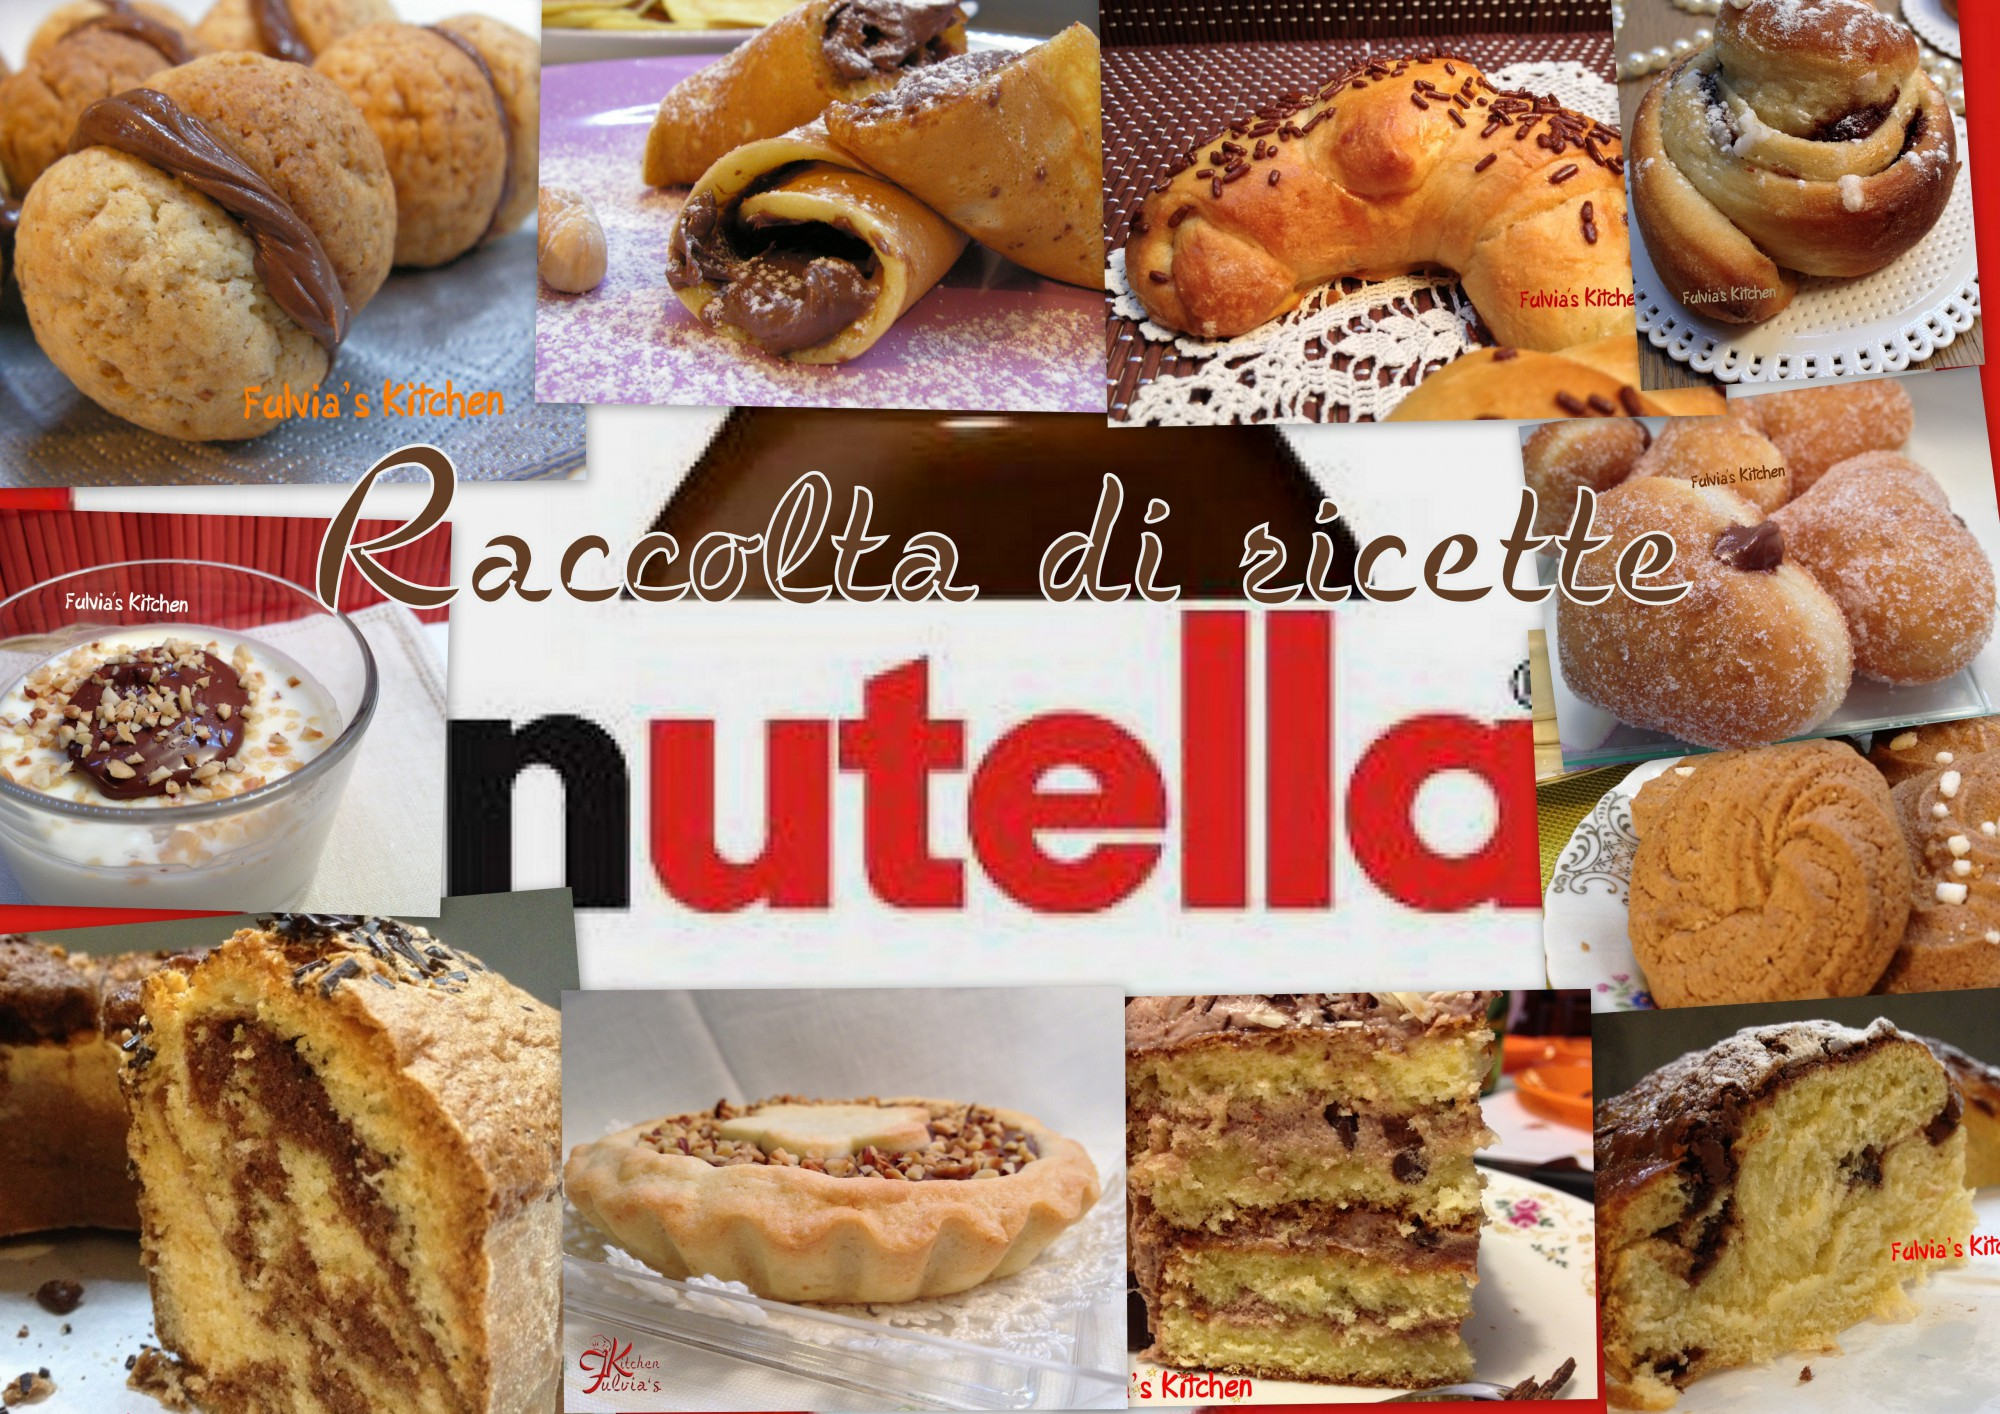 Raccolta ricette: Nutella